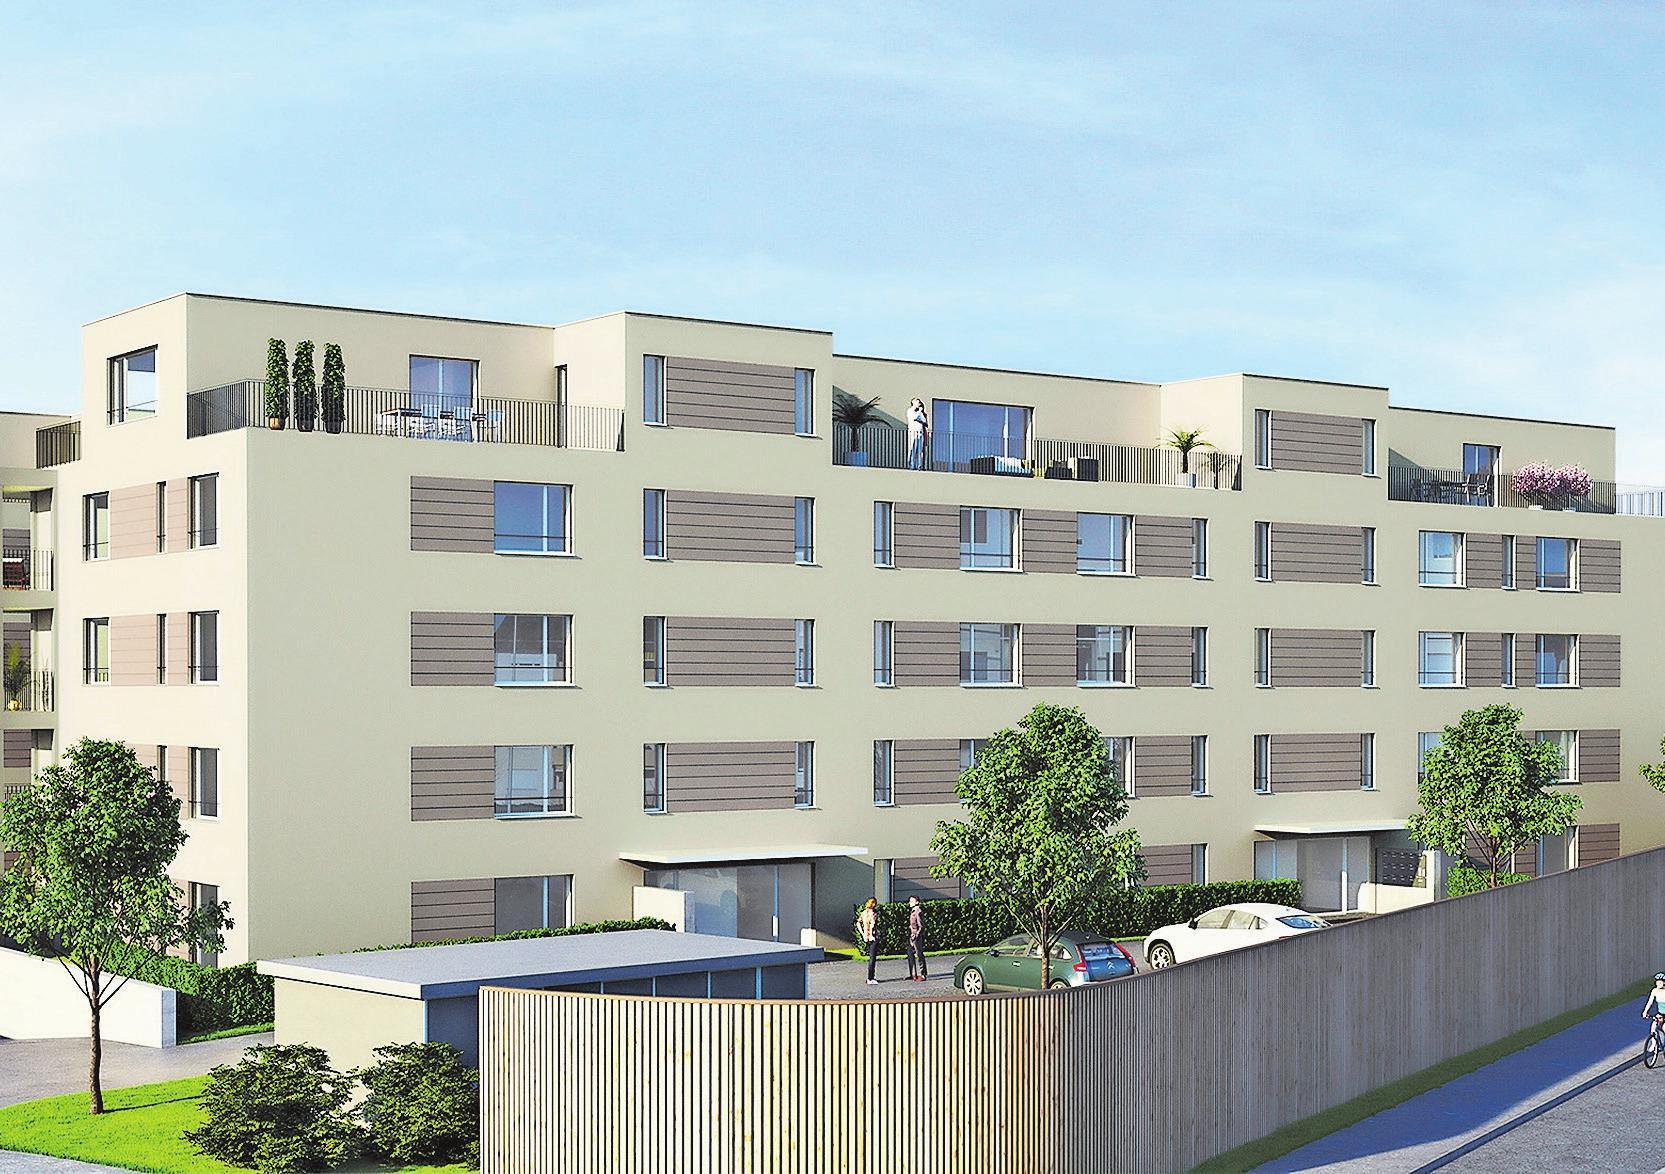 Die Gebäude sind modern gestaltet und verfügen über einen zeitgemässen Innenausbau. Bilder: PD